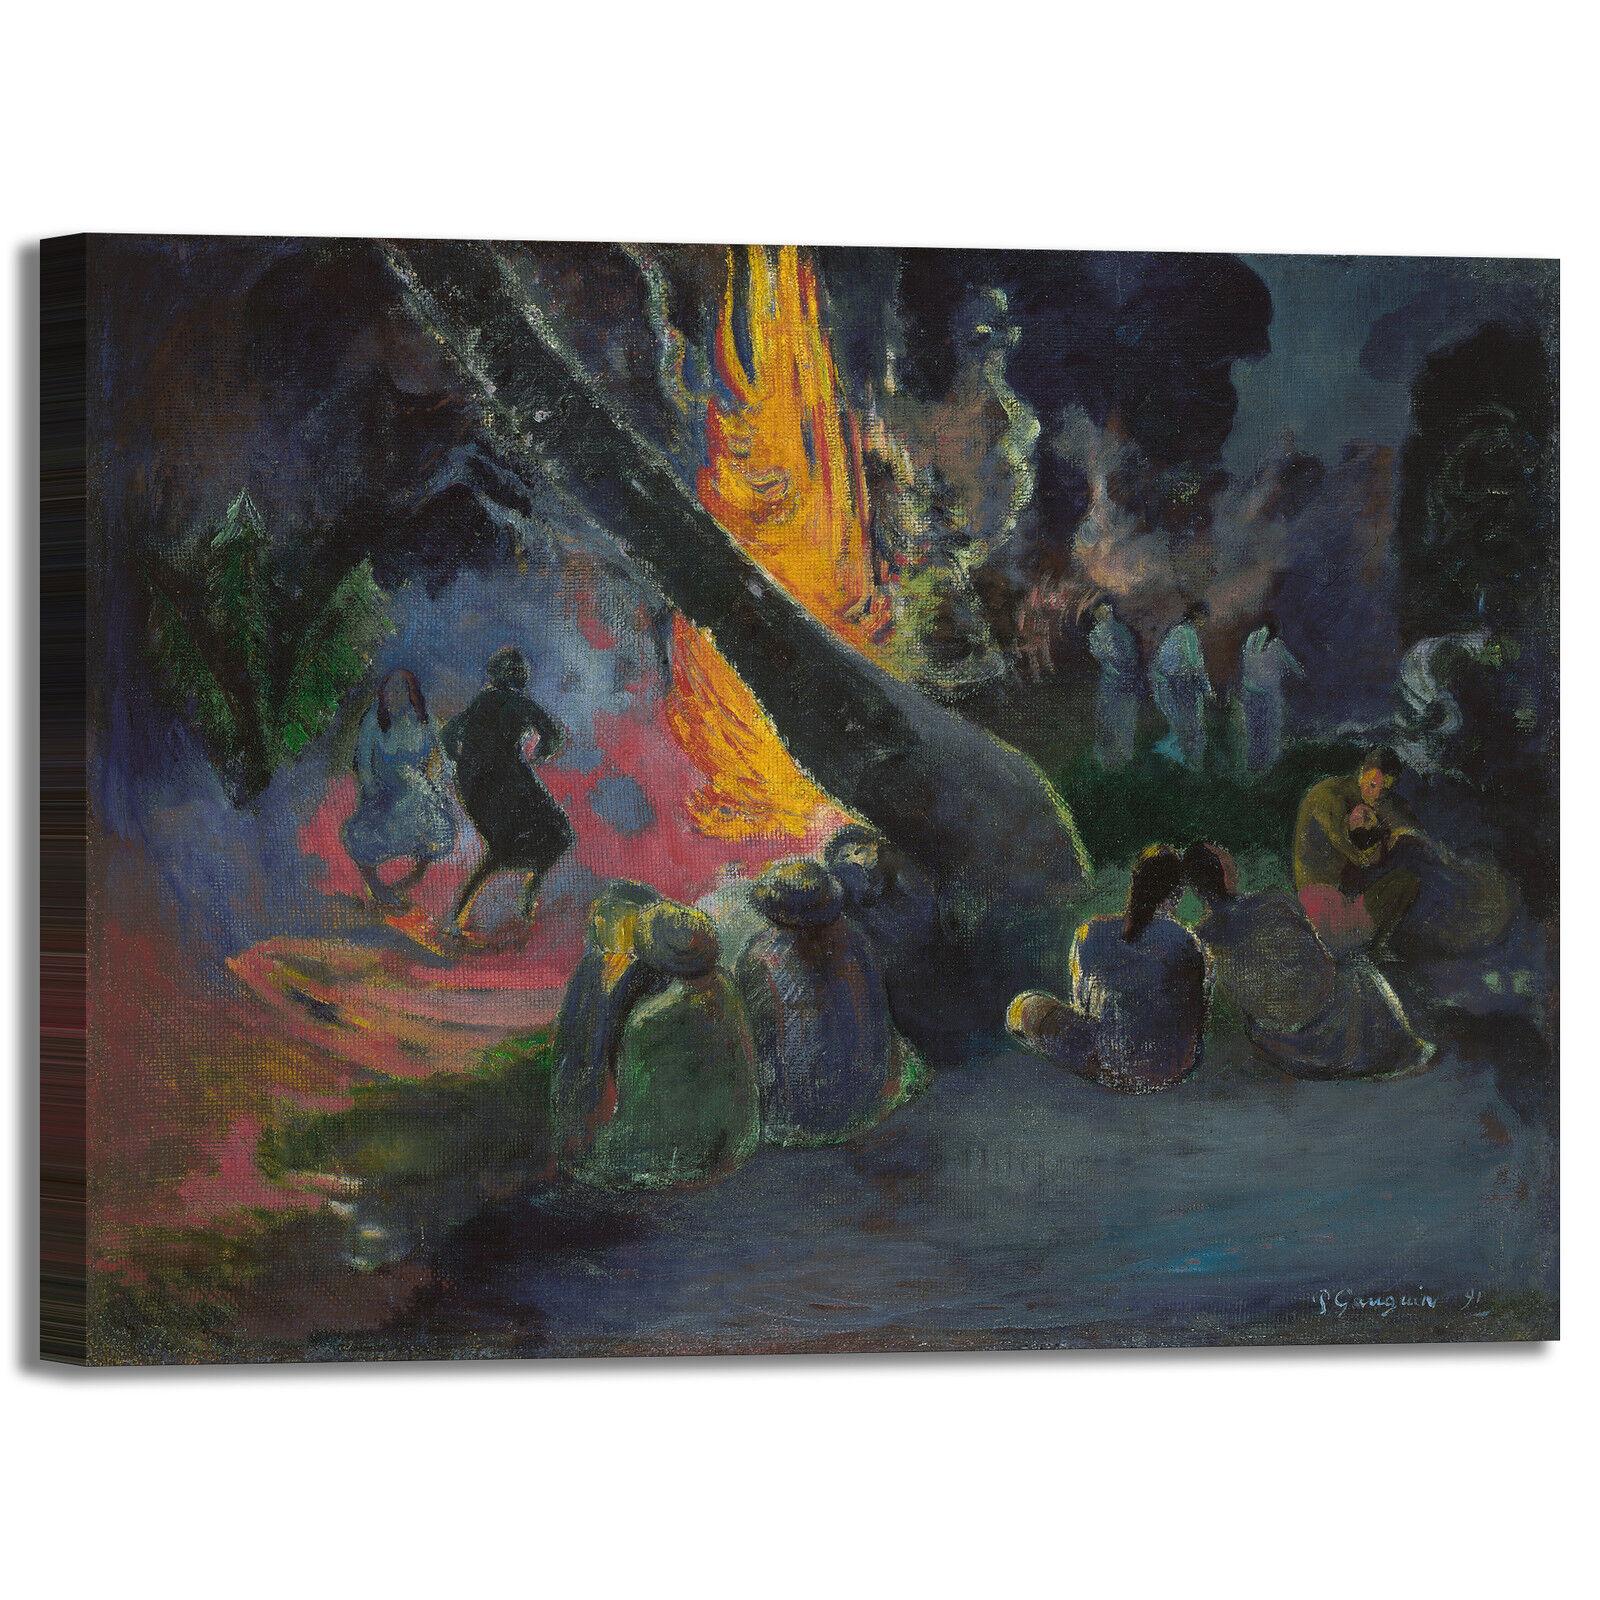 Gauguin upa upa danza del fuoco quadro stampa tela dipinto telaio arroto casa